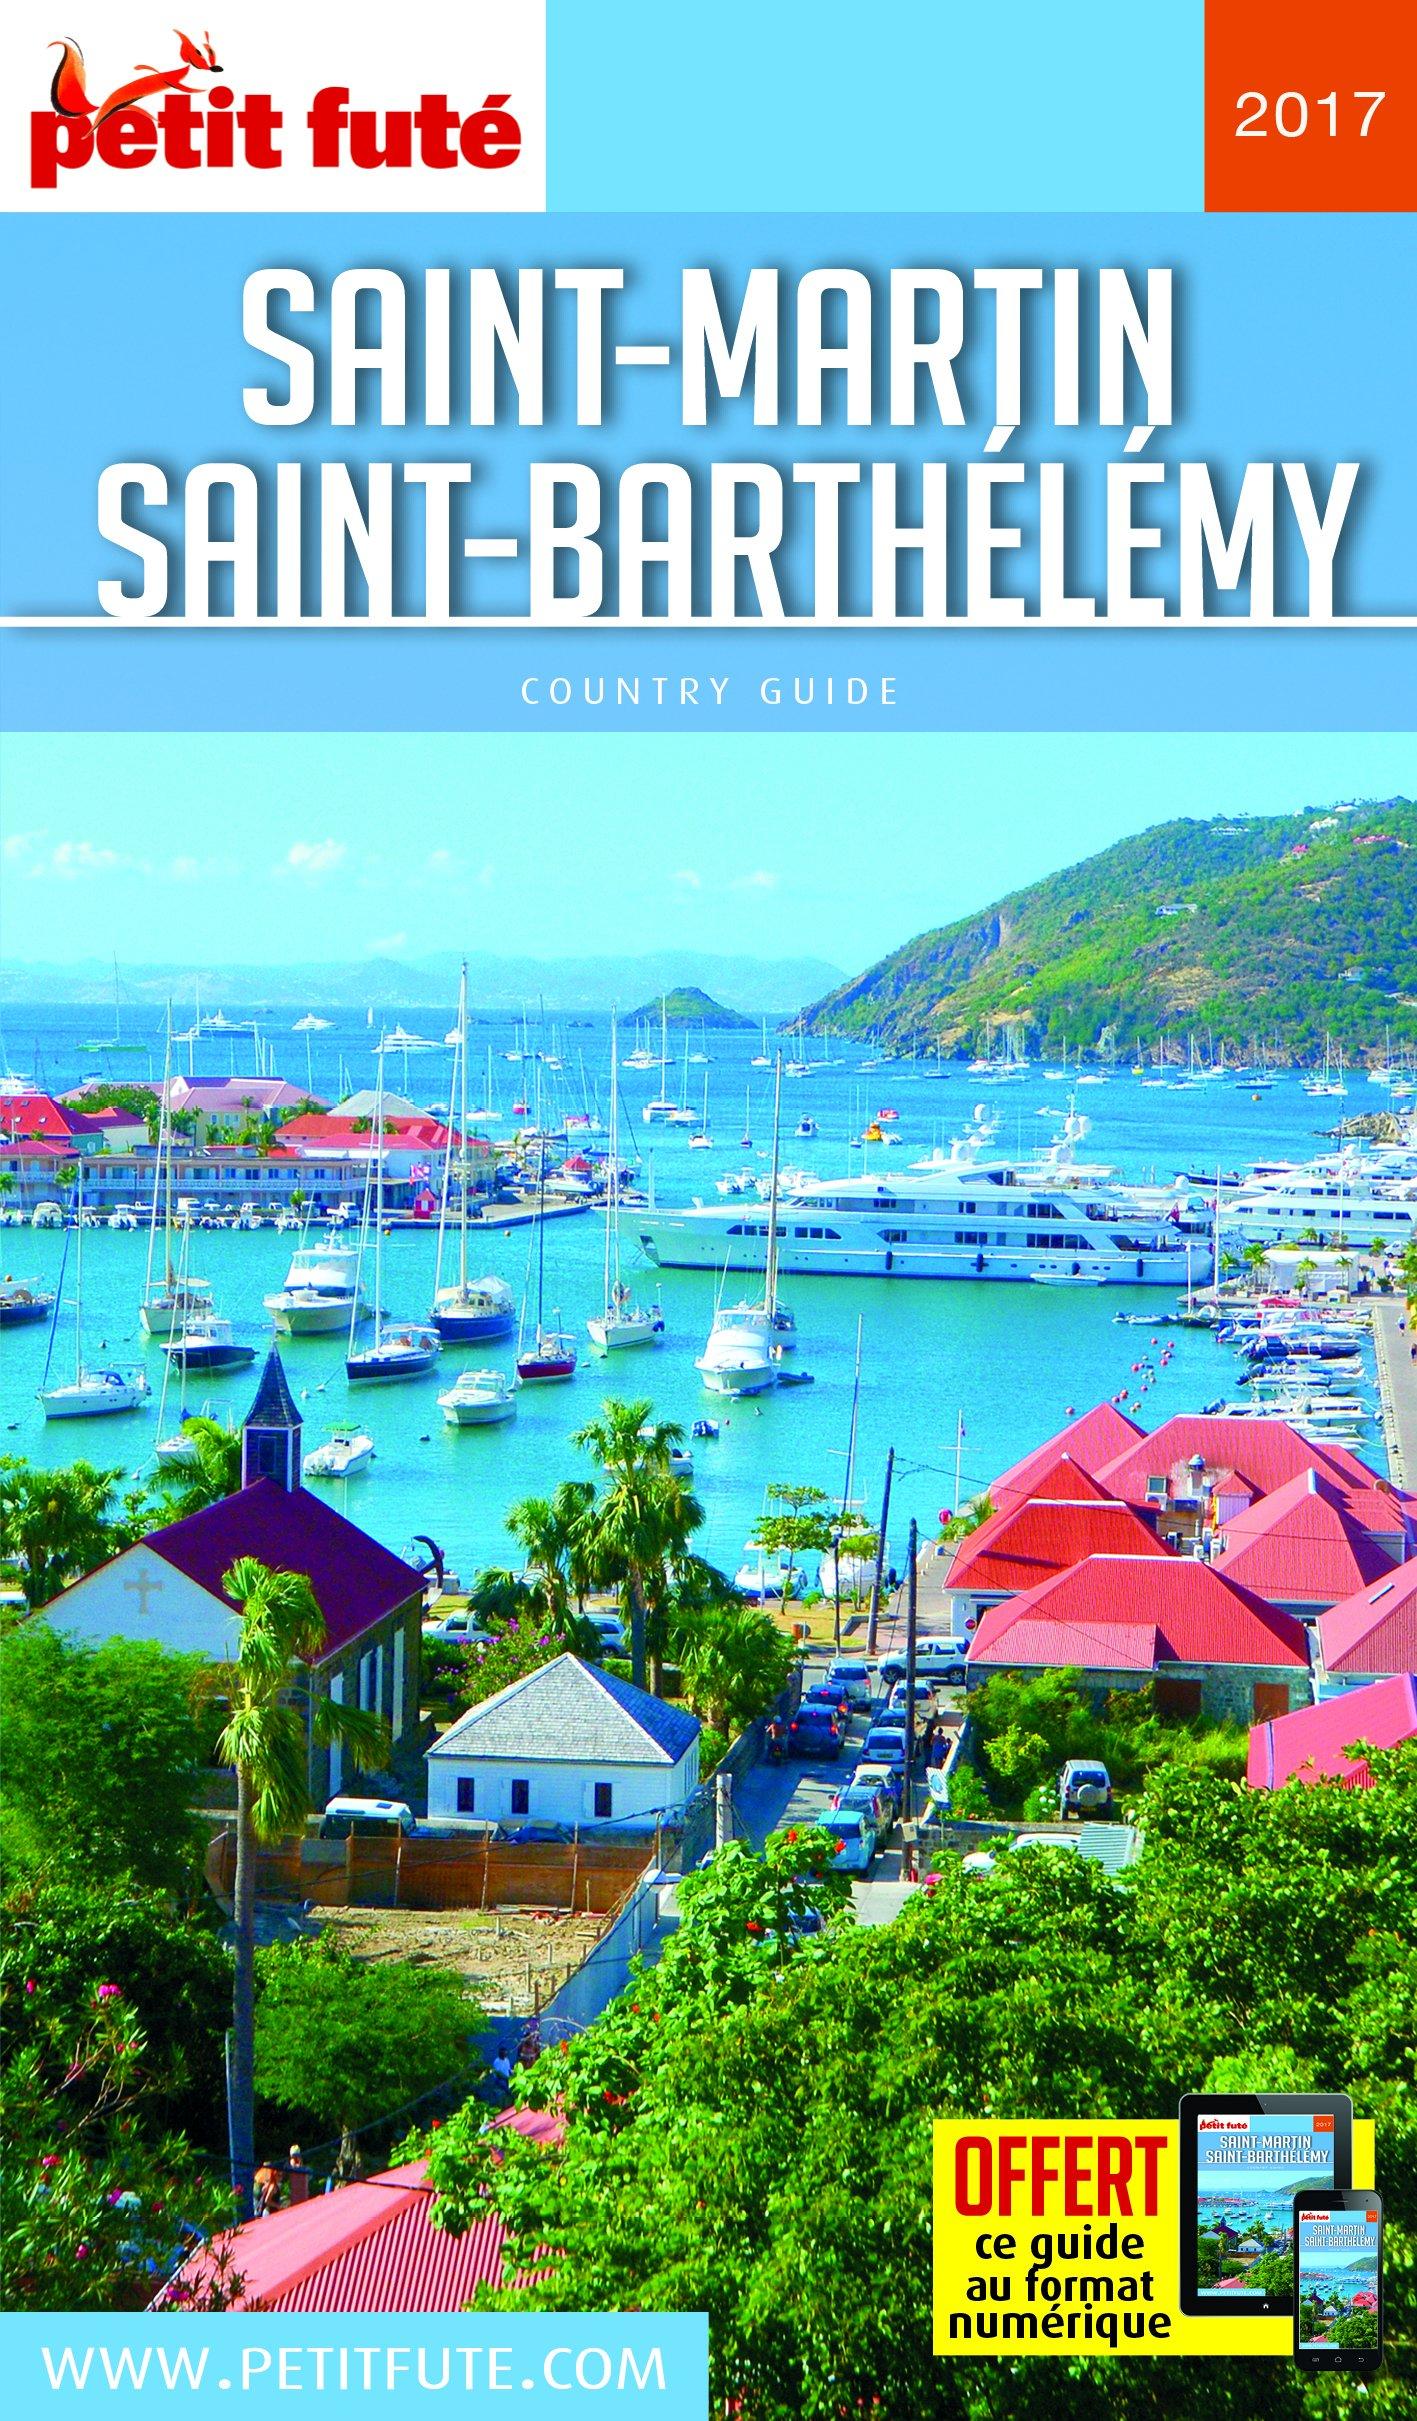 télécharger Petit futé : Saint Martin, Saint Barthélémy 2017